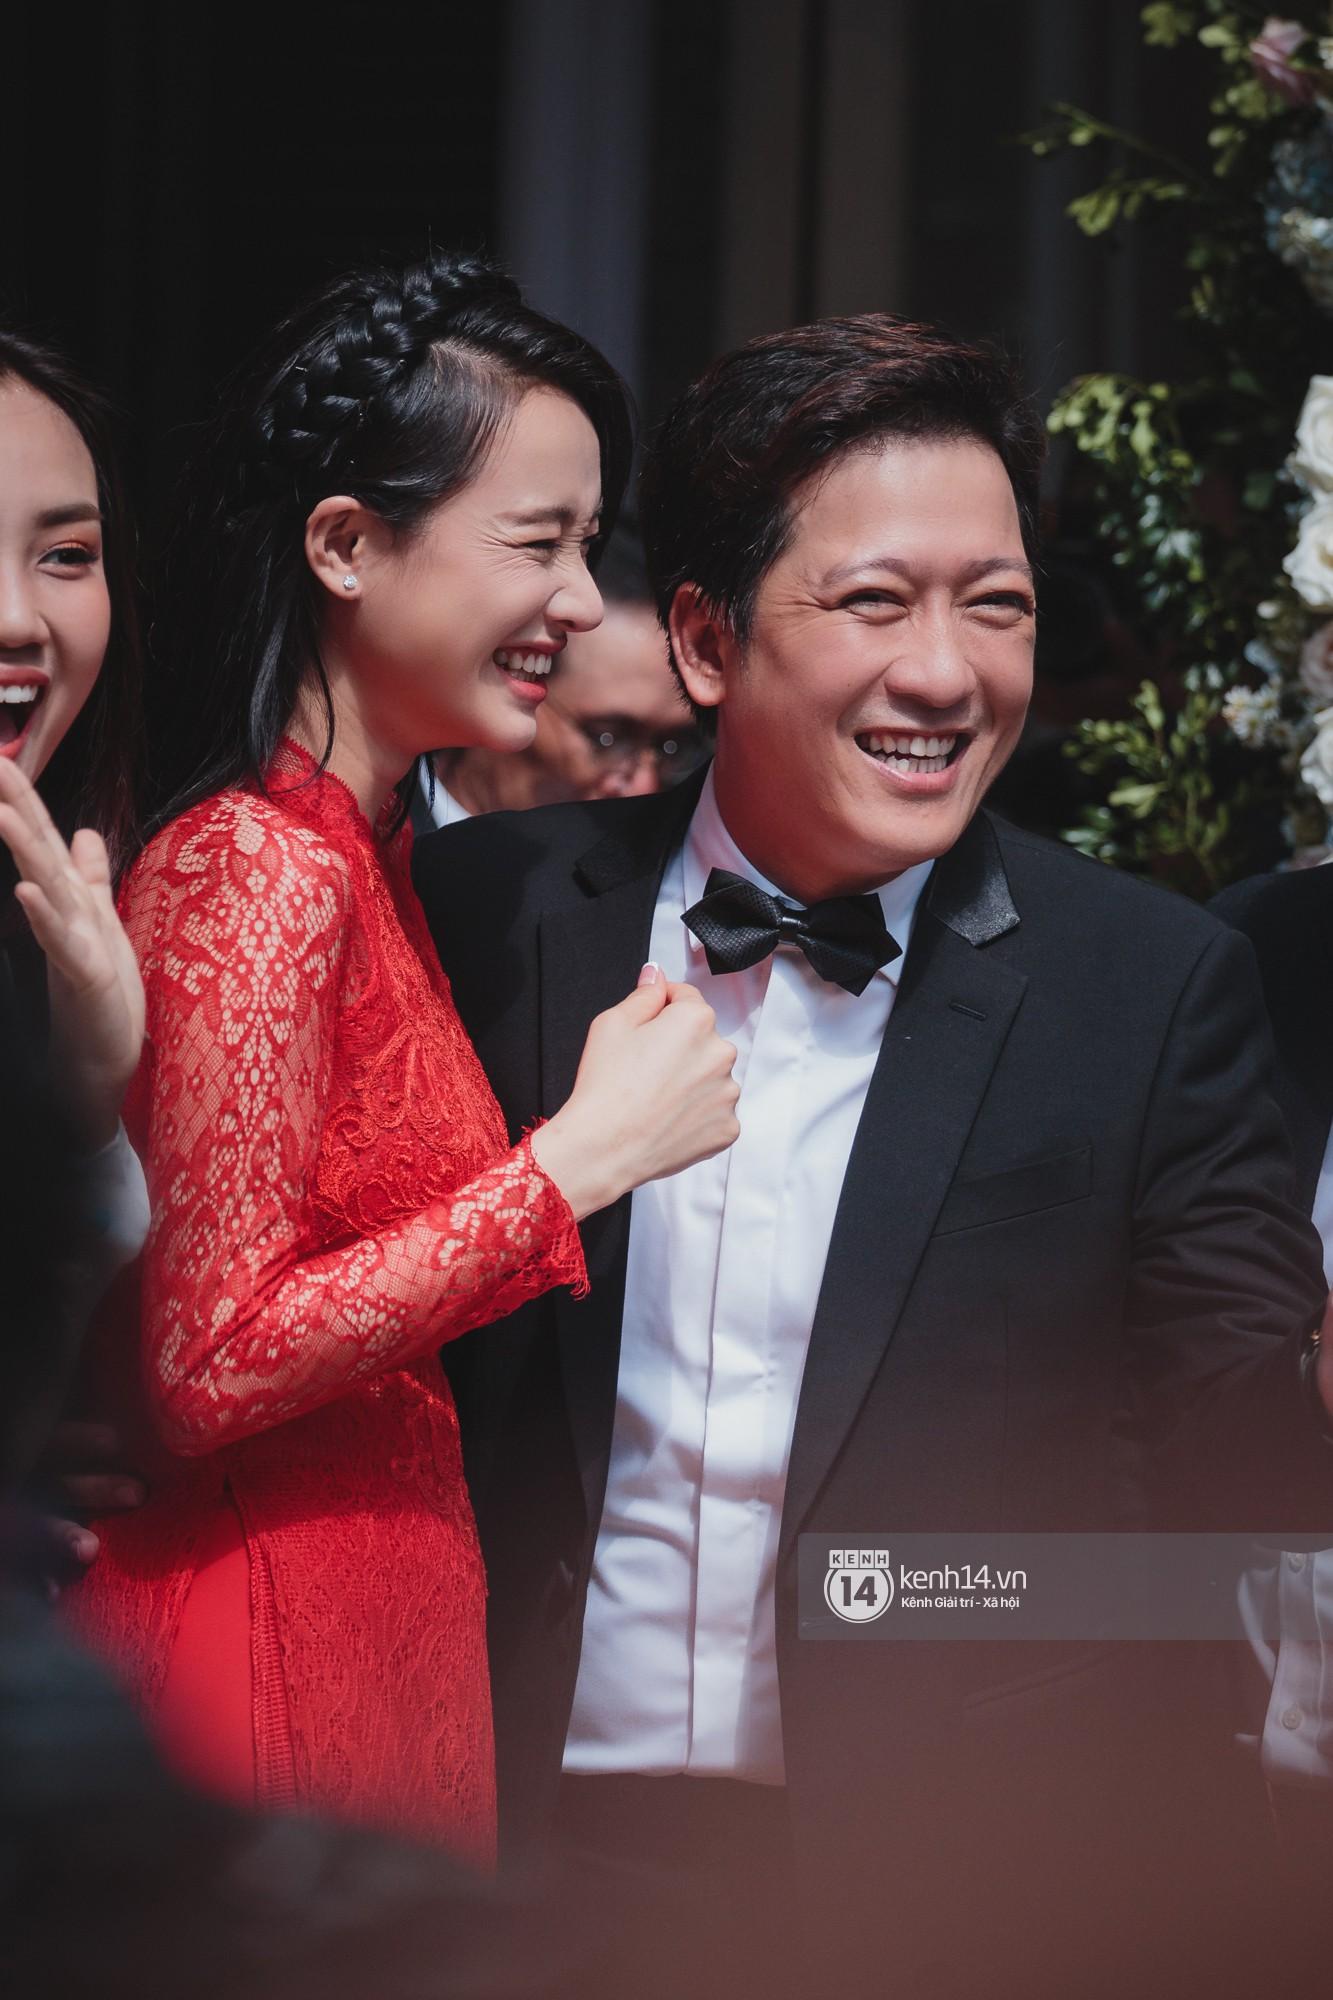 Đám cưới Trường Giang - Nhã Phương: Hàng ngàn hình ảnh ngọt ngào cũng không bằng loạt khoảnh khắc hạnh phúc đắt giá này-6